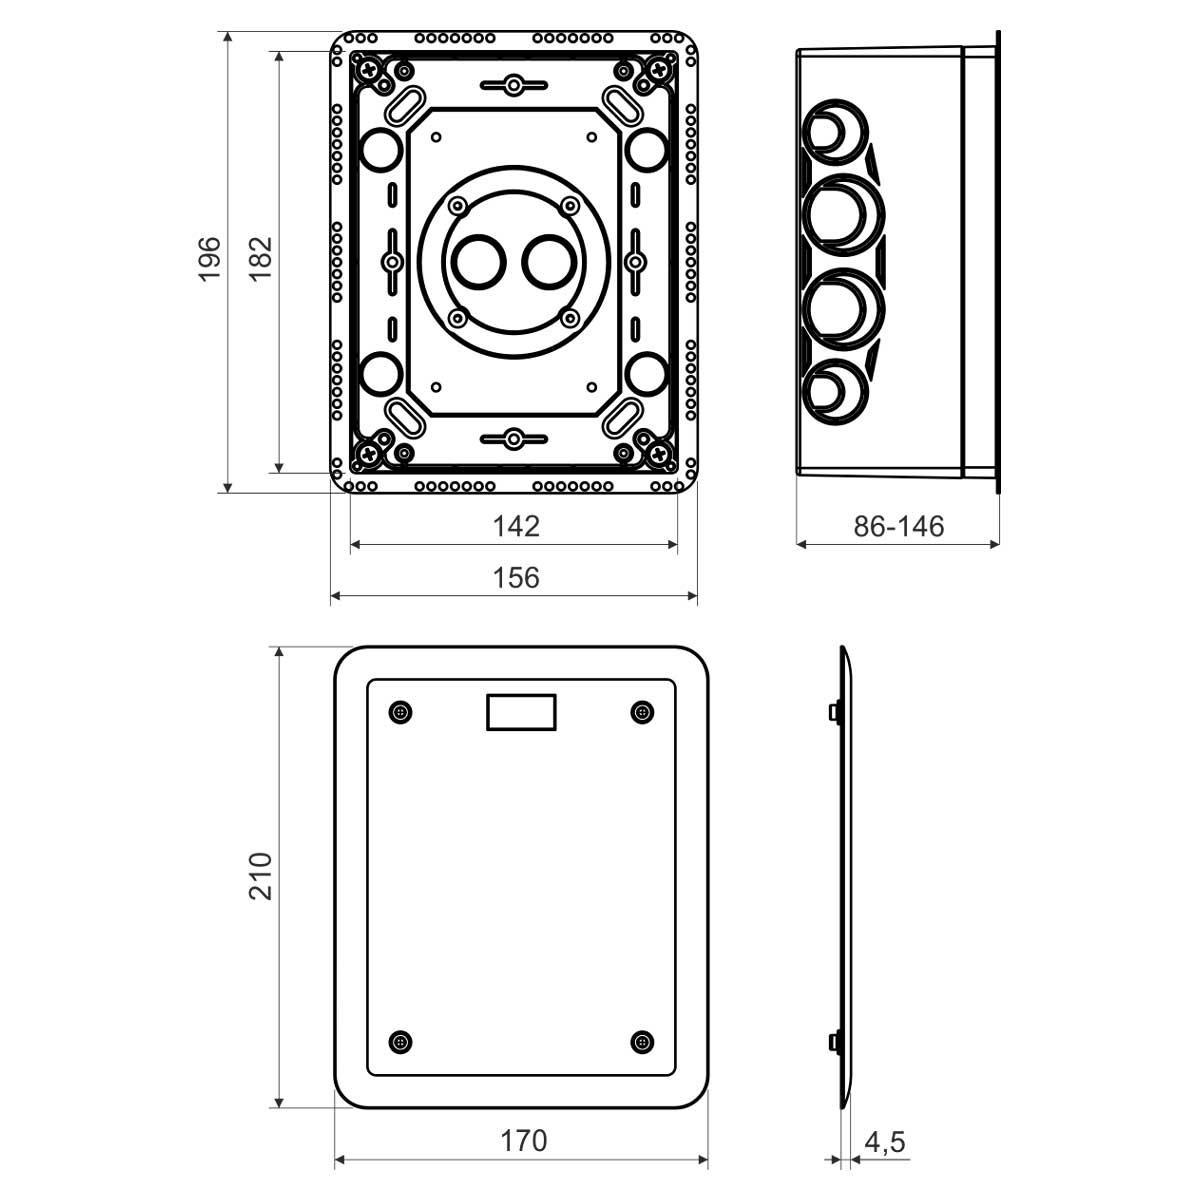 KUZ-V_KB Коробка універсальна з кришкою (використовується при термоізоляції будинків)